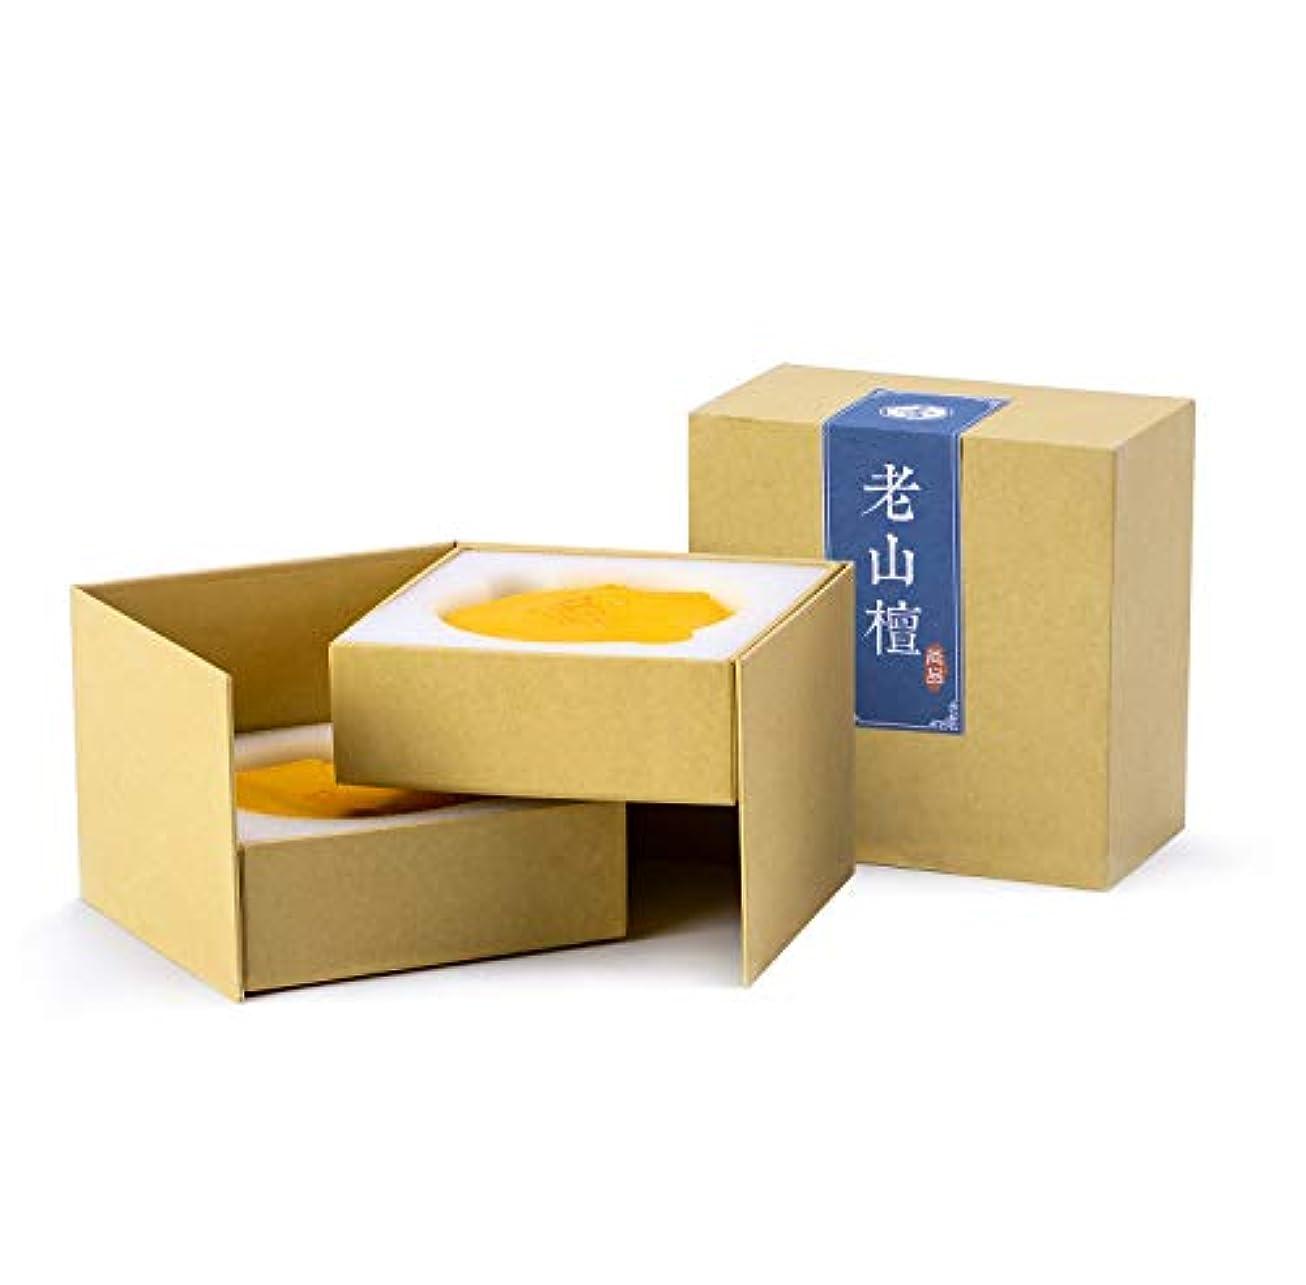 財産改善操作Hwagui お香 上級 渦巻き線香 白檀 瀋香 ヨモギ 優しい香り 2時間 40巻入